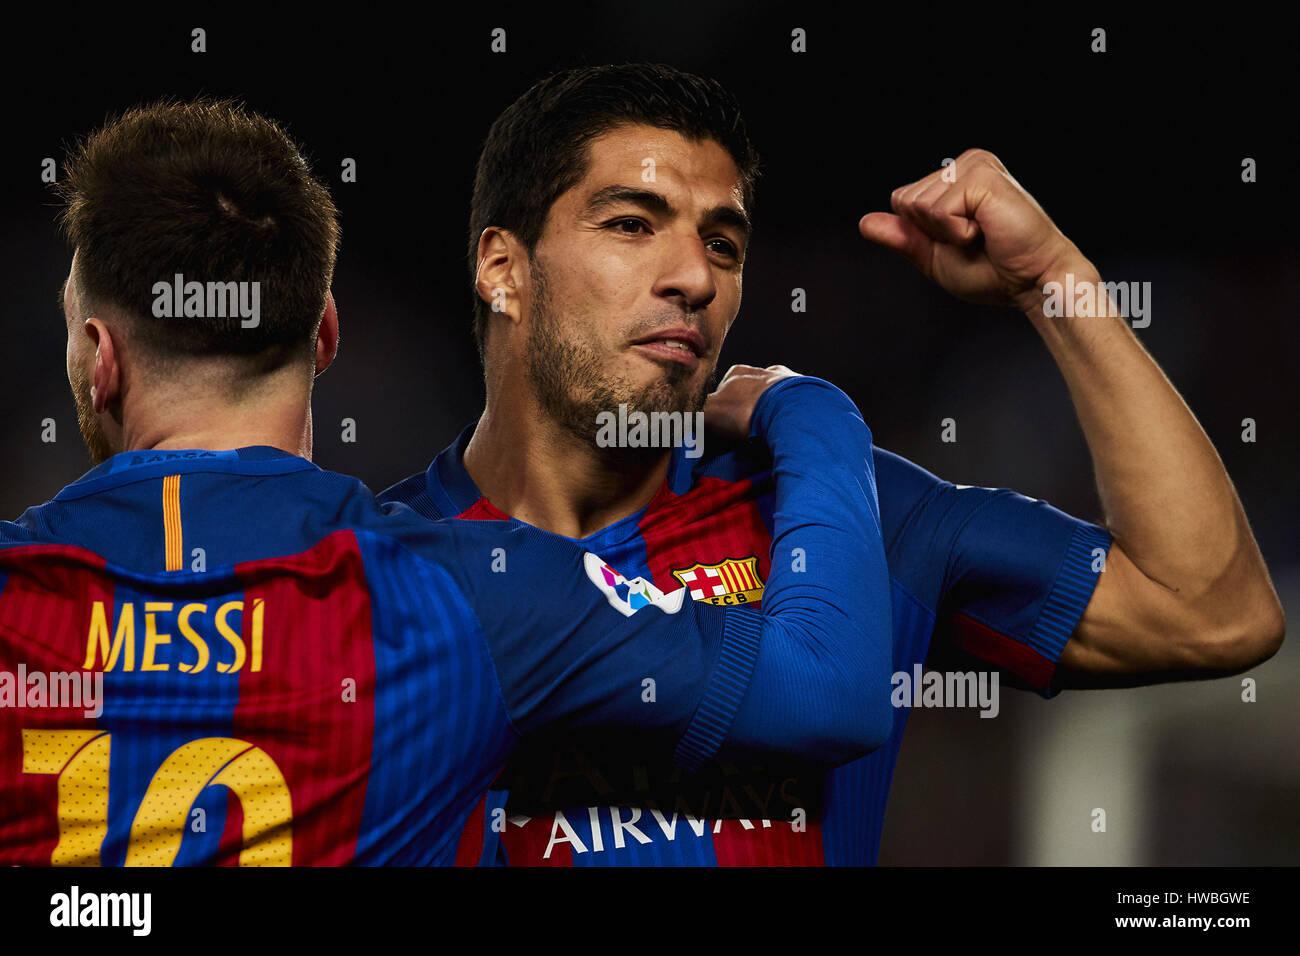 Barcelone, Espagne. Mar 19, 2017. Lionel Messi (FC Barcelone) célèbre avec son coéquipier Luis Suarez Photo Stock